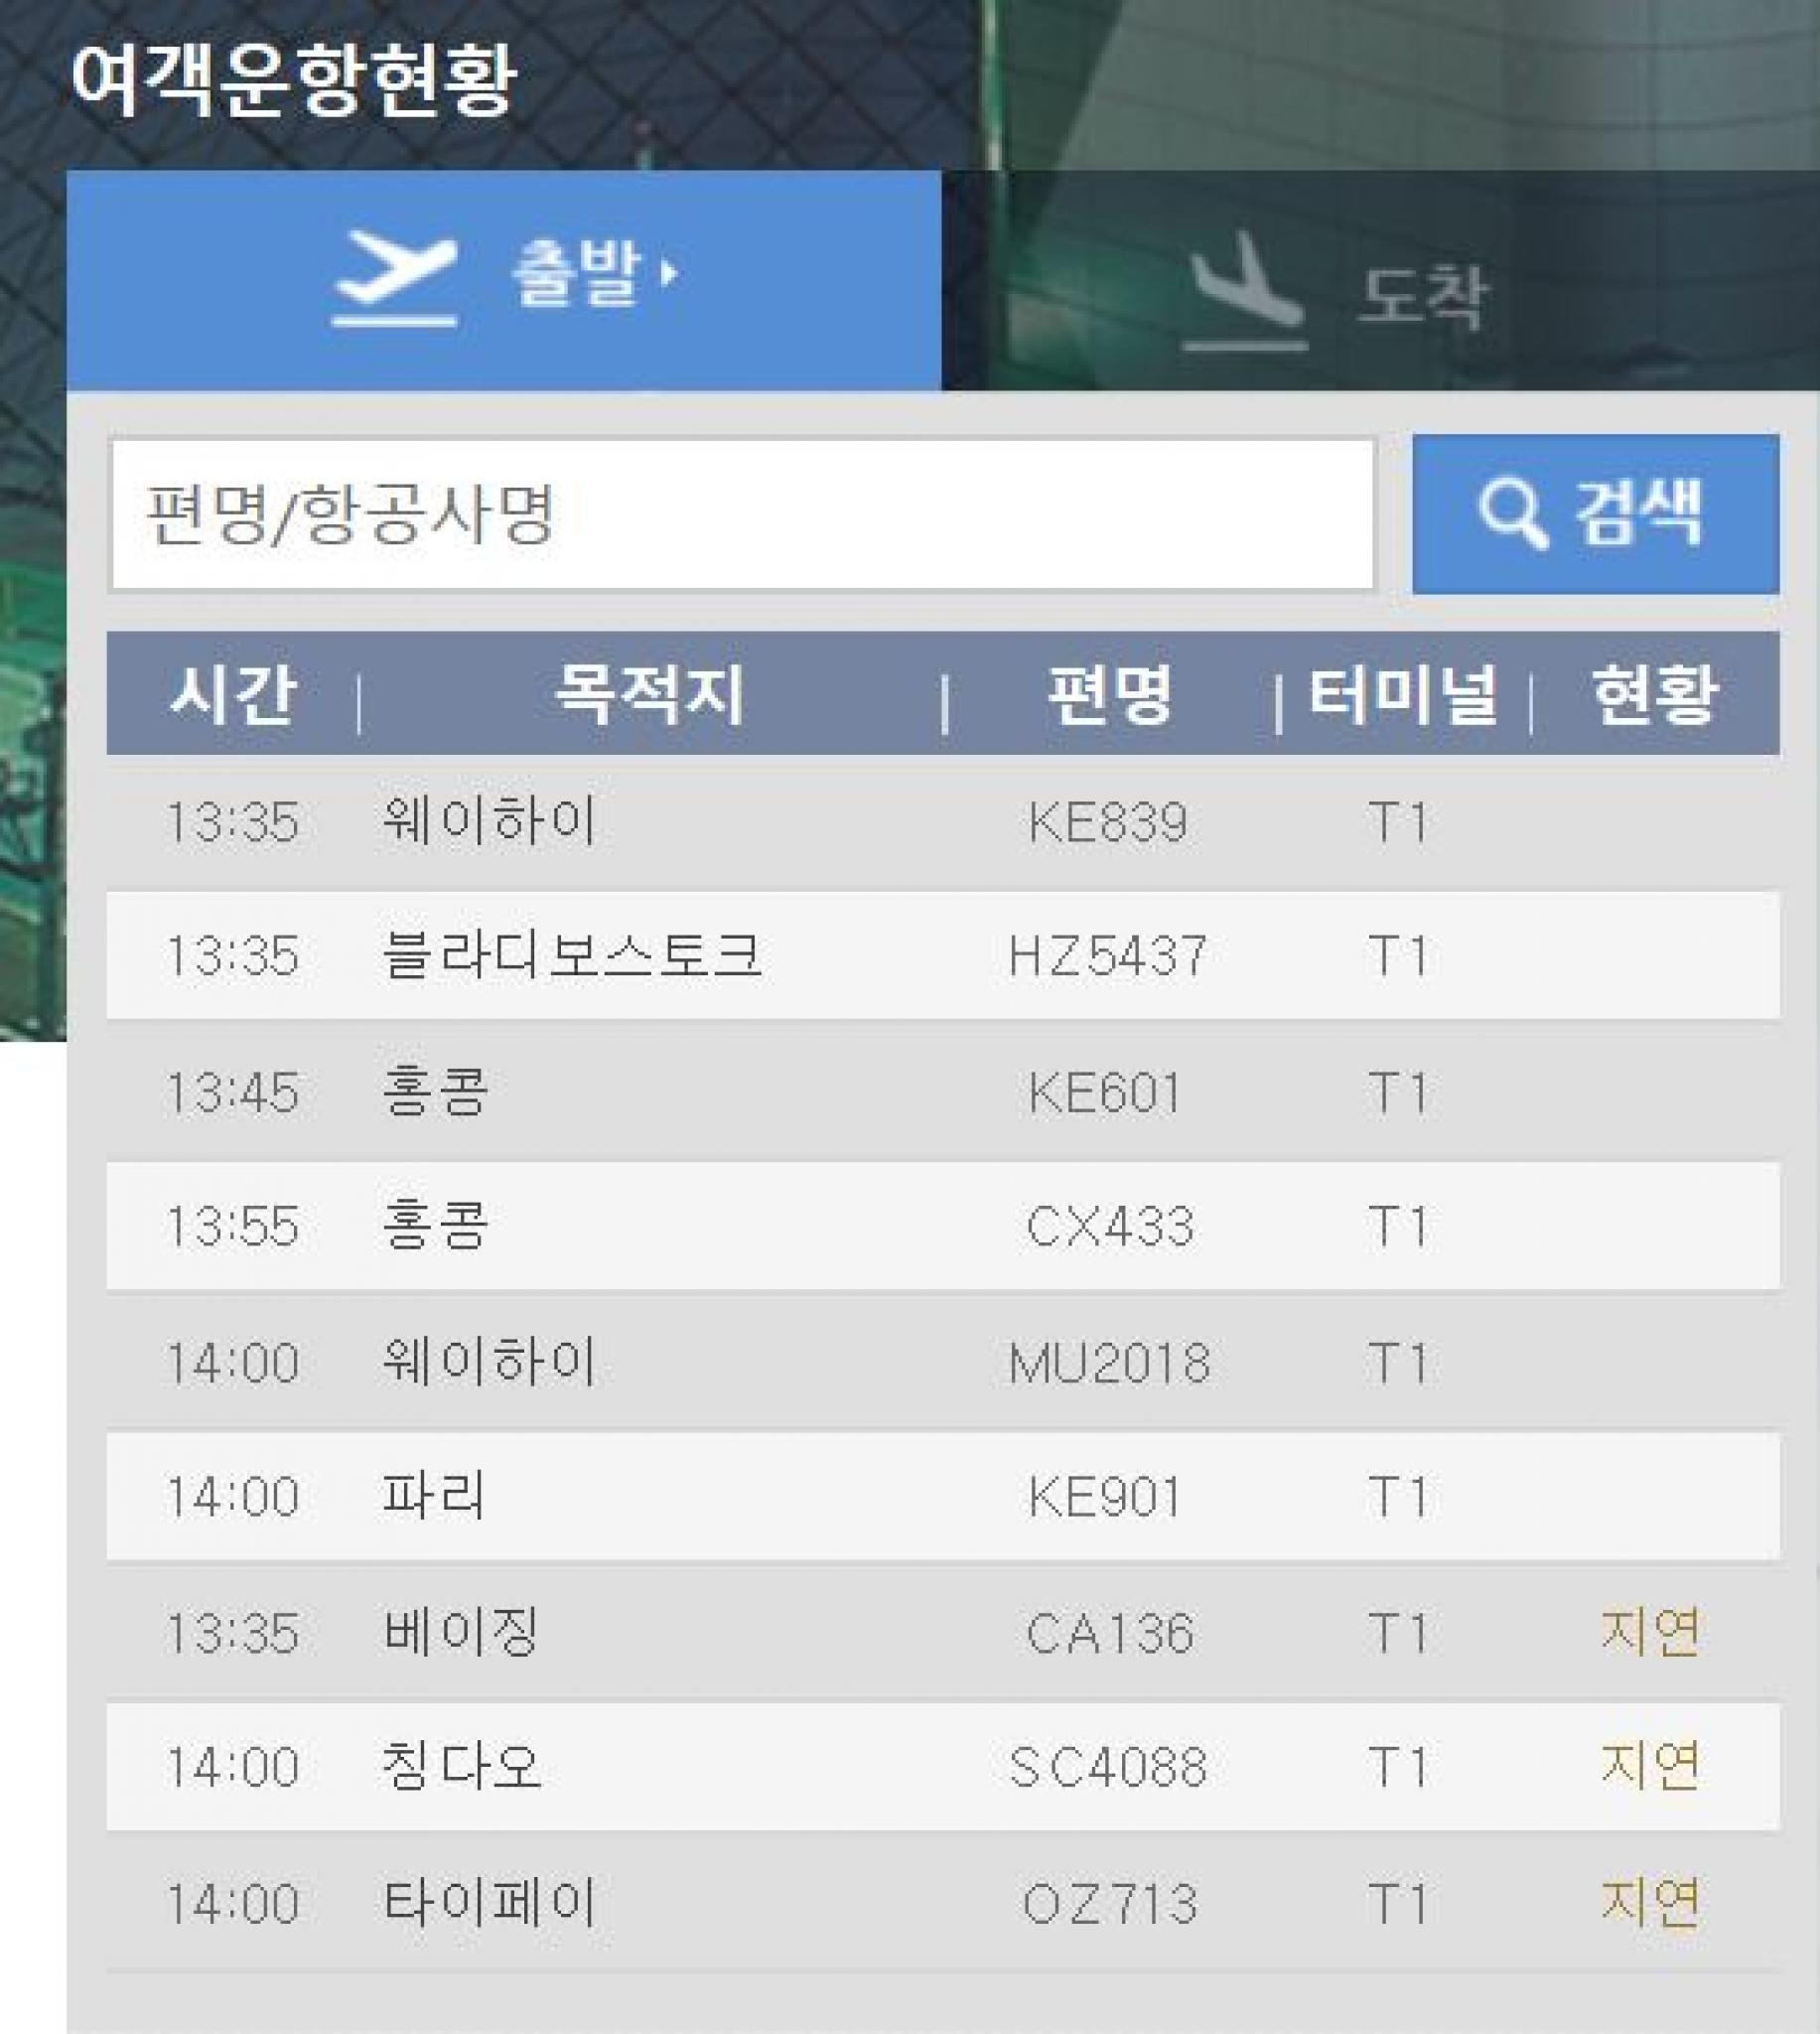 23일 오후 1시 이후 인천발 여객운항현황/사진=인천공항공사 홈페이지 캡처